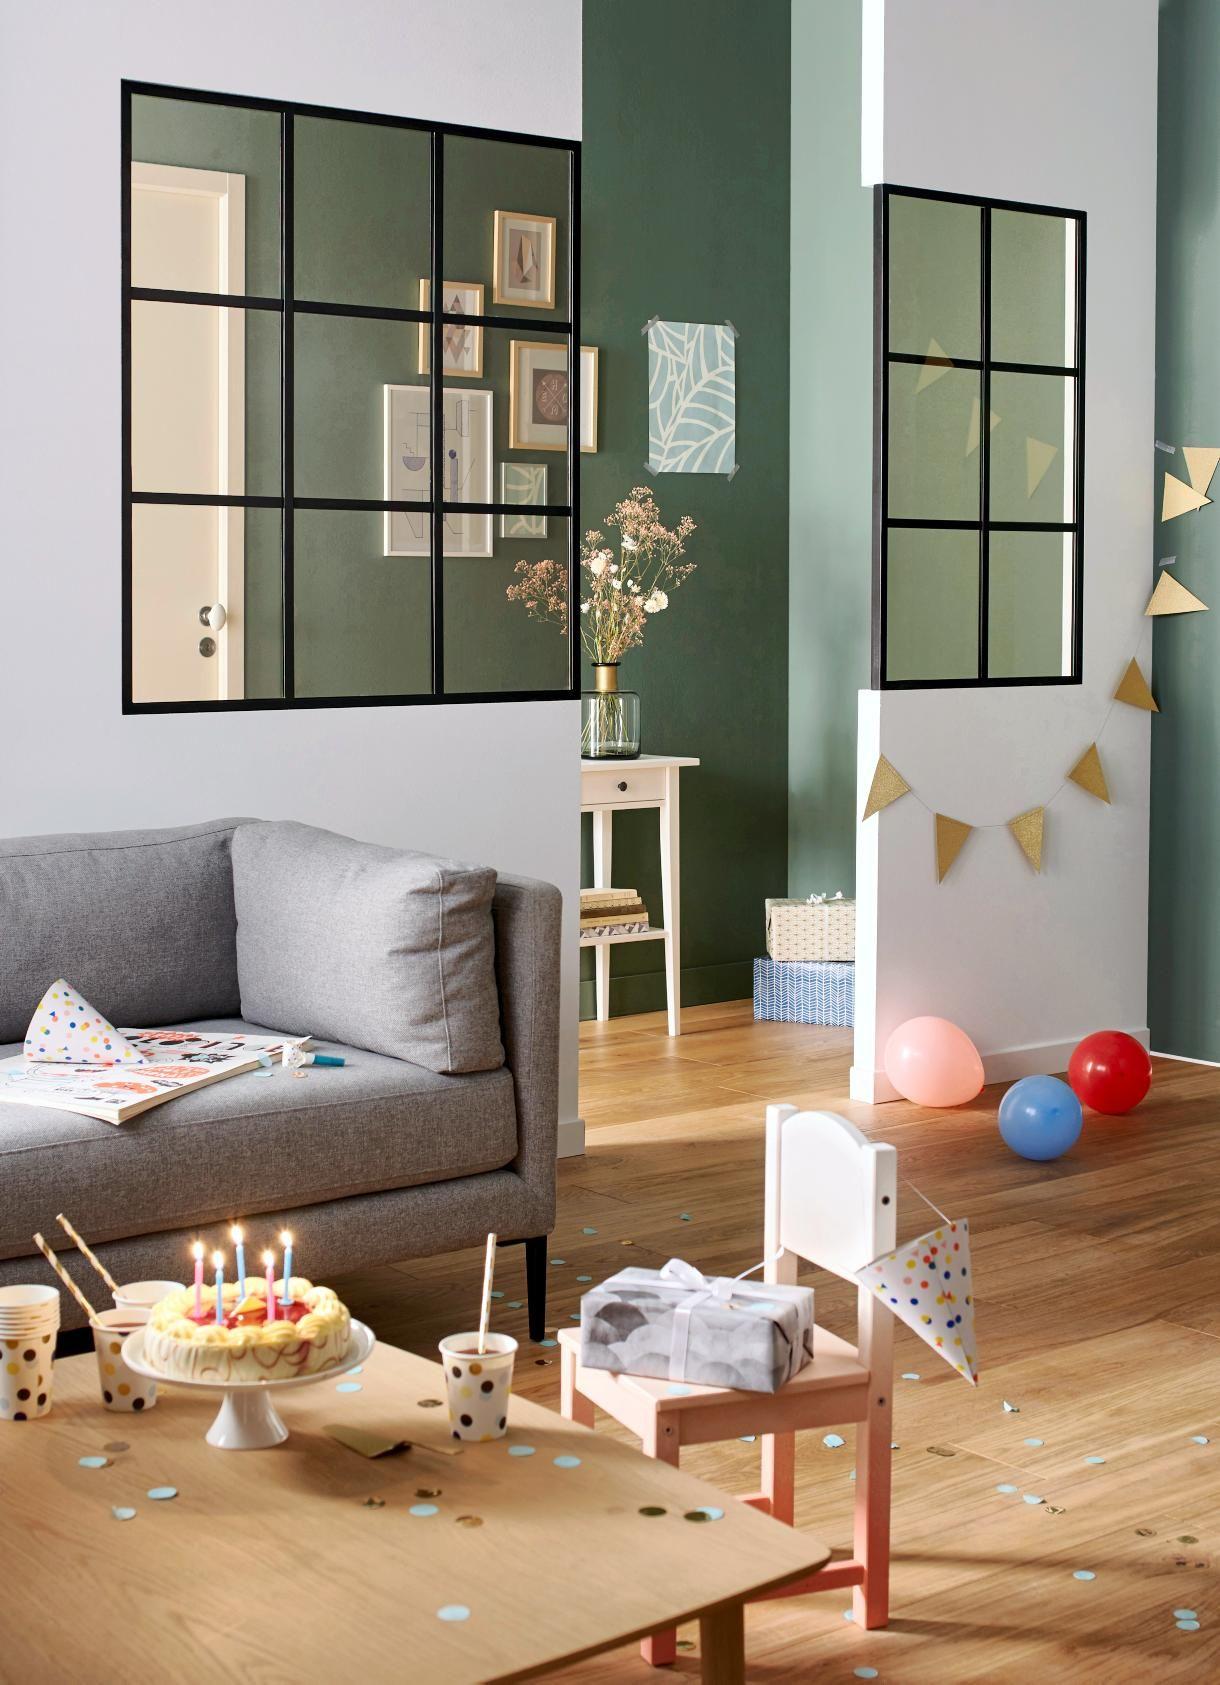 comment cr er une entr e quand on n en a pas entr e de. Black Bedroom Furniture Sets. Home Design Ideas